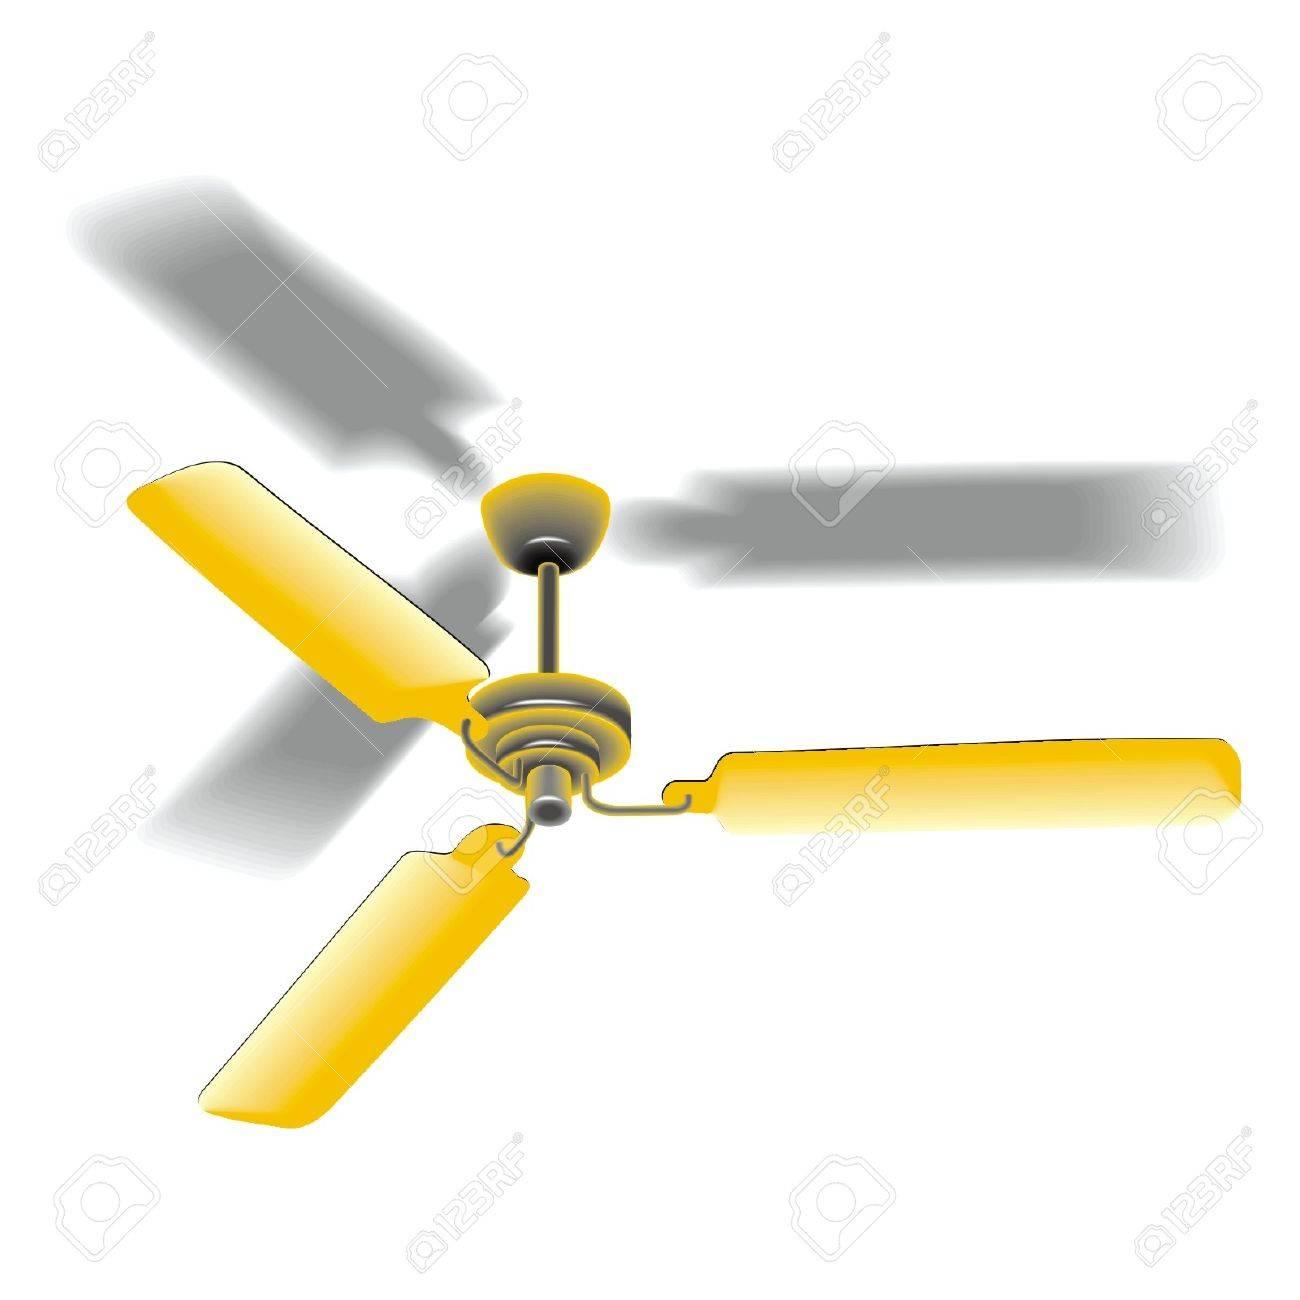 ceiling fan Stock Vector - 17365149